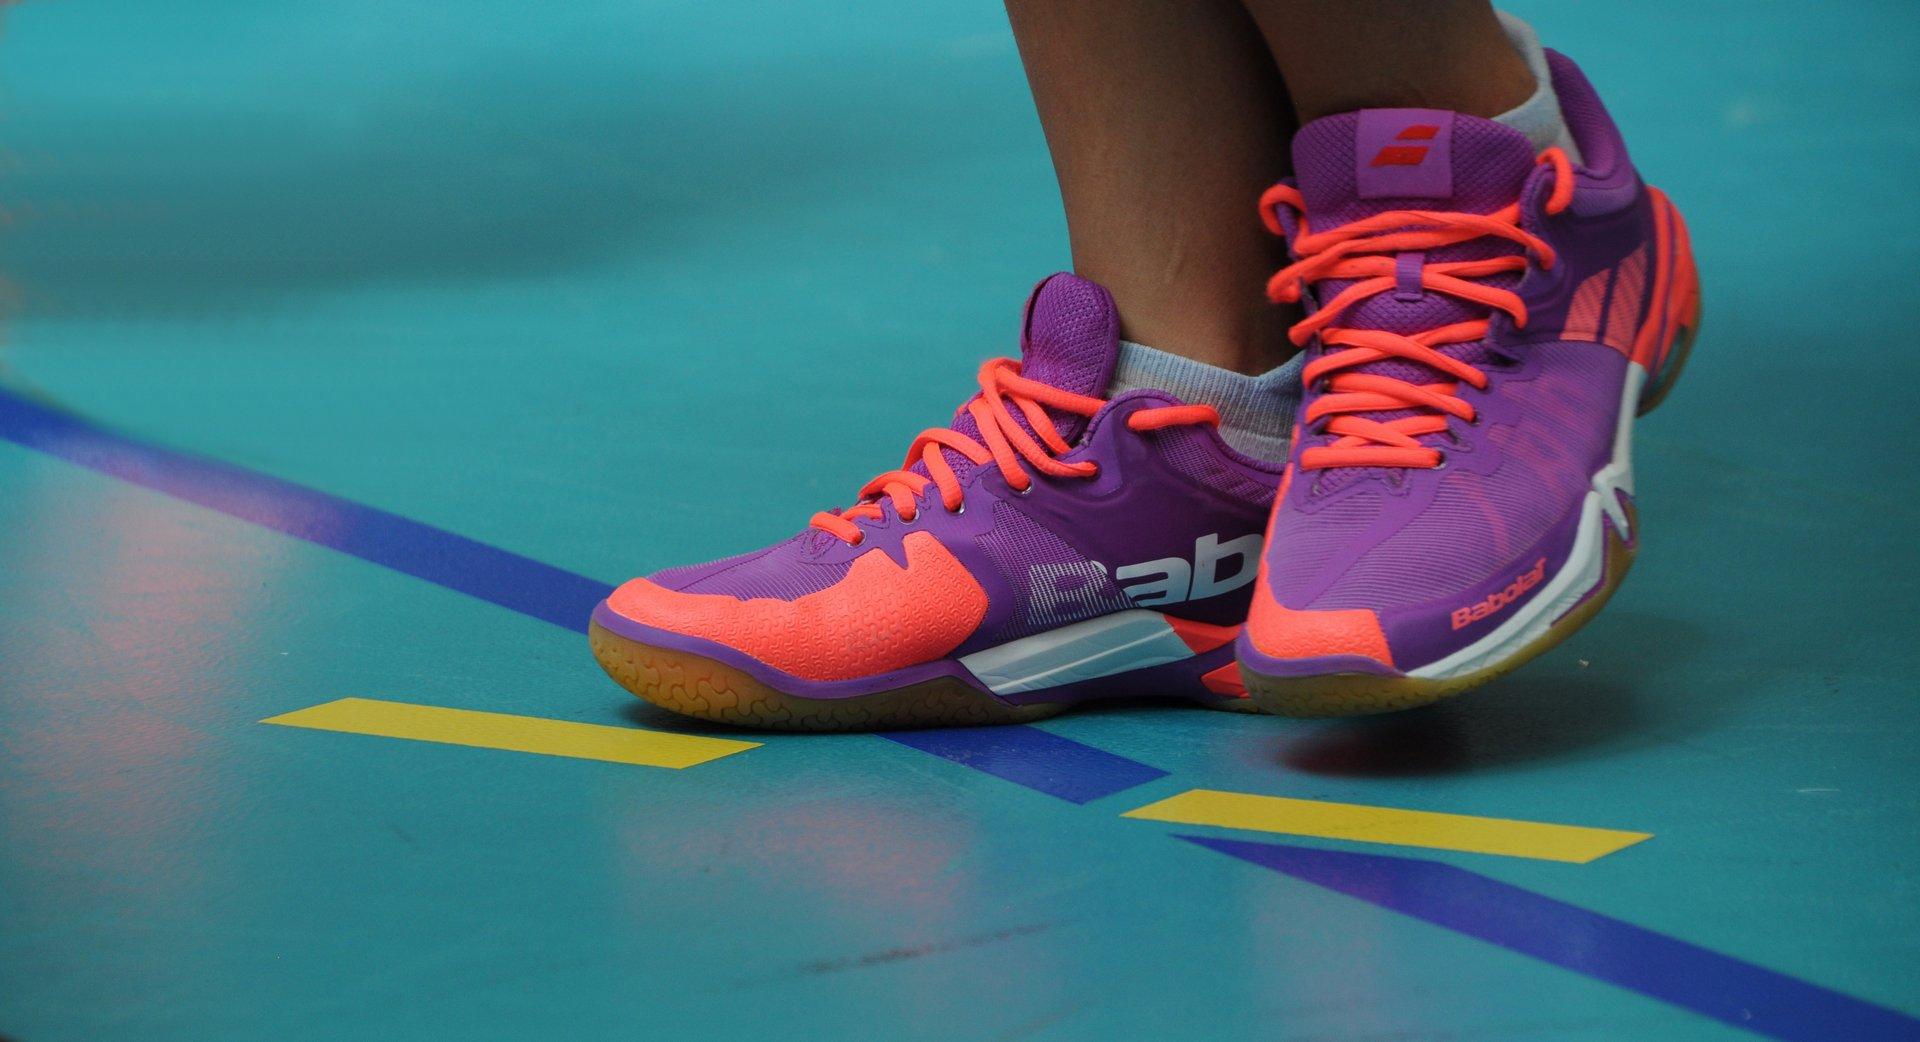 VL1 chaussures DSC_7717